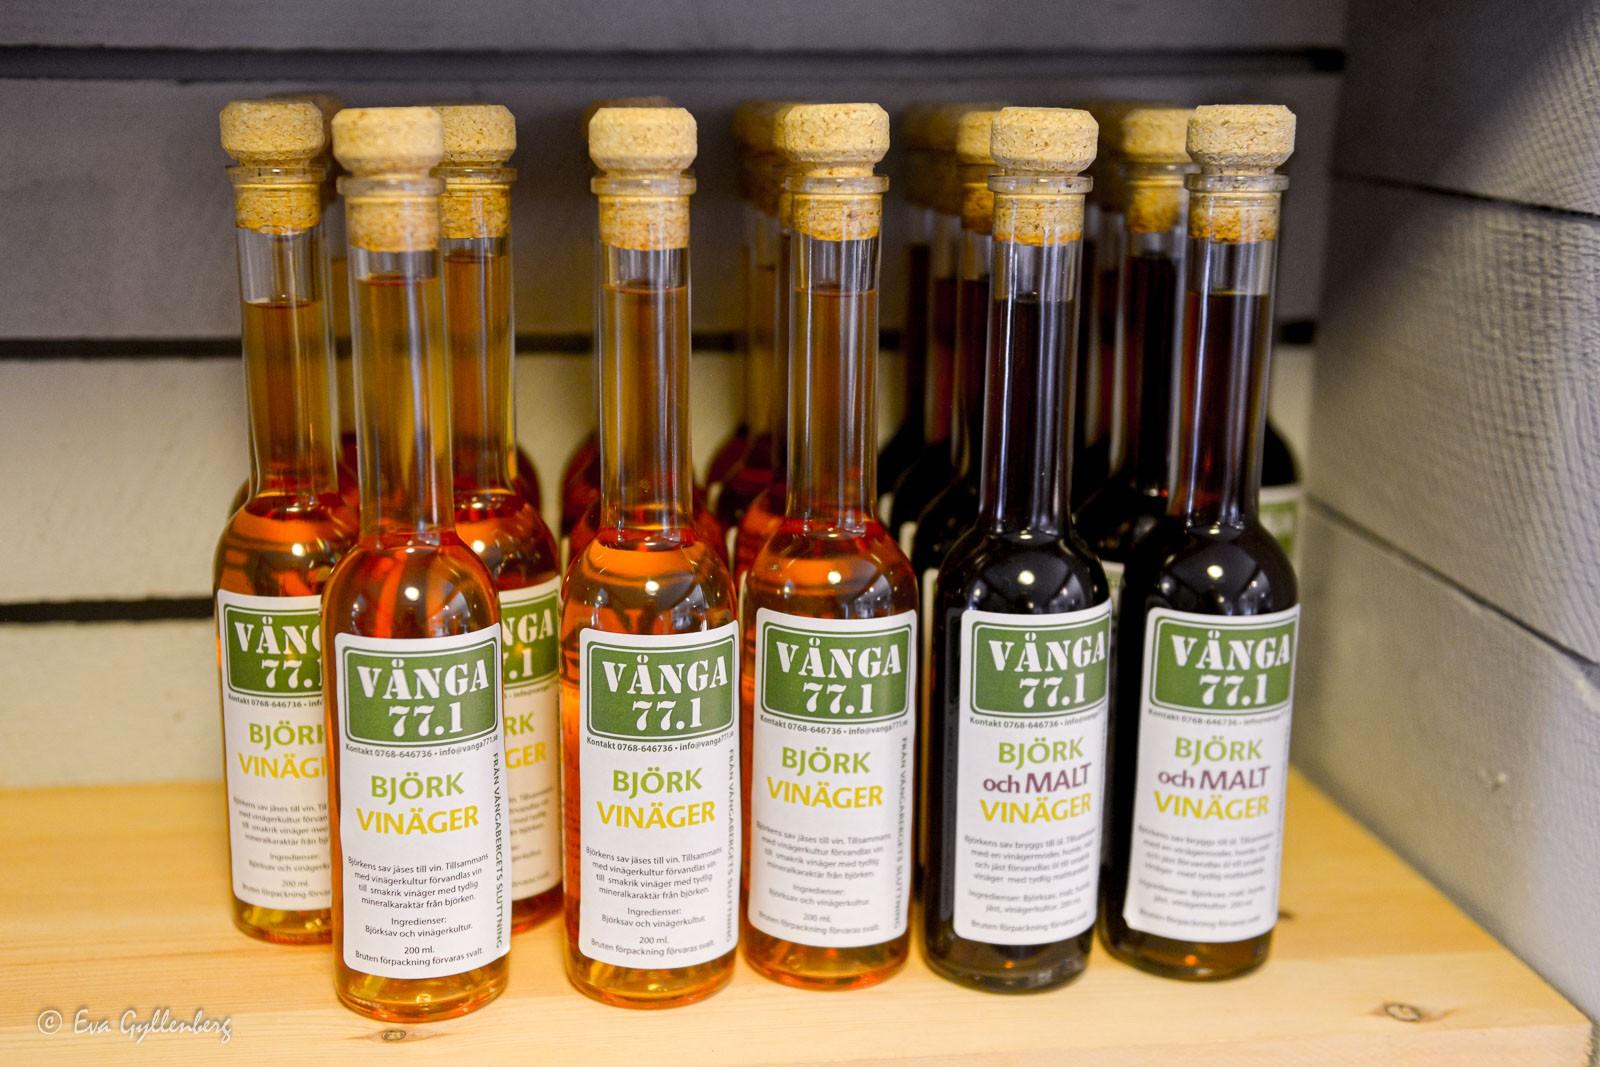 Produkter hos Vånga 77.1